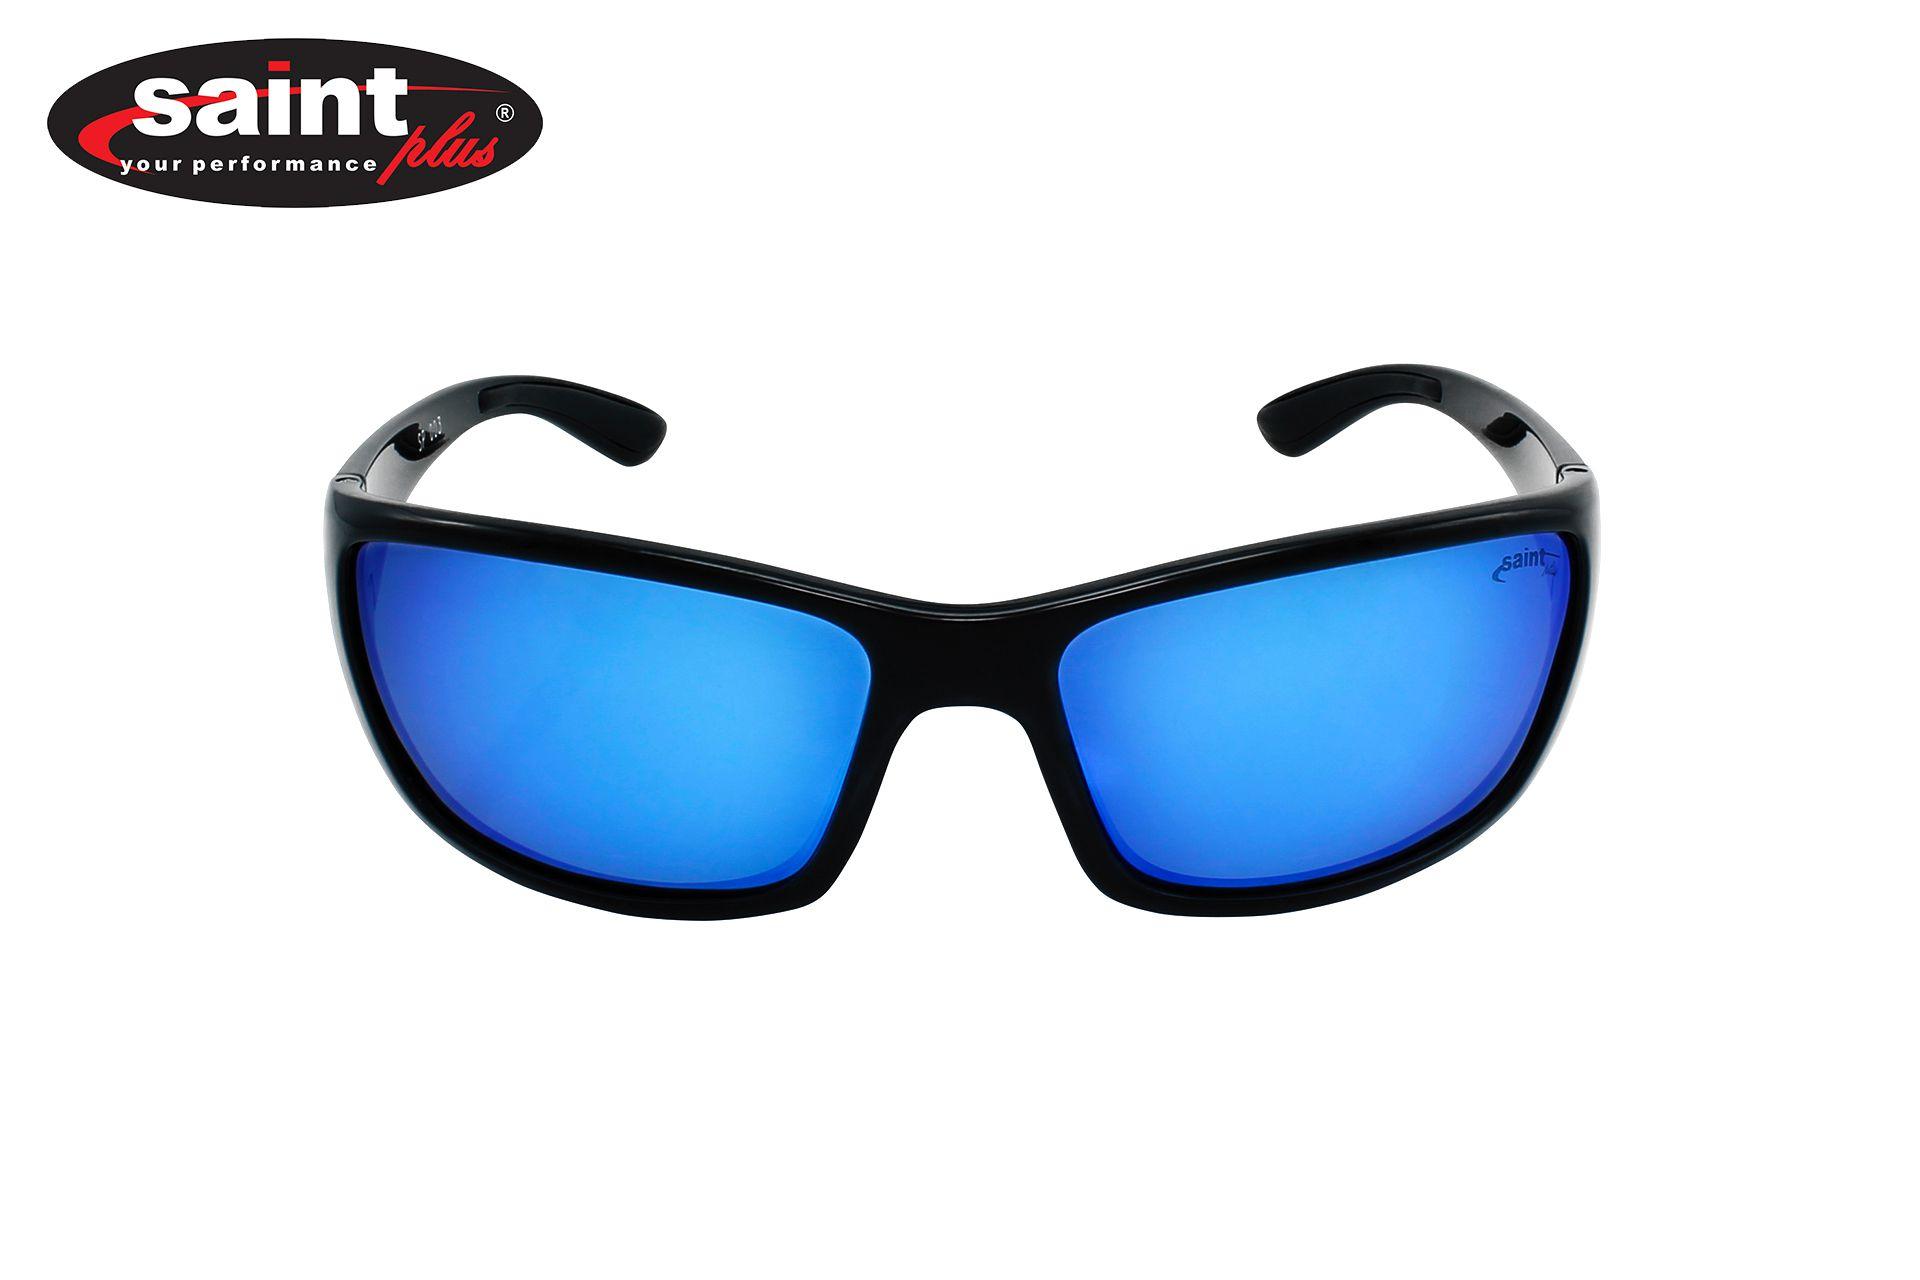 Óculos Polarizado Saint 100% Proteção Uv - Cannon